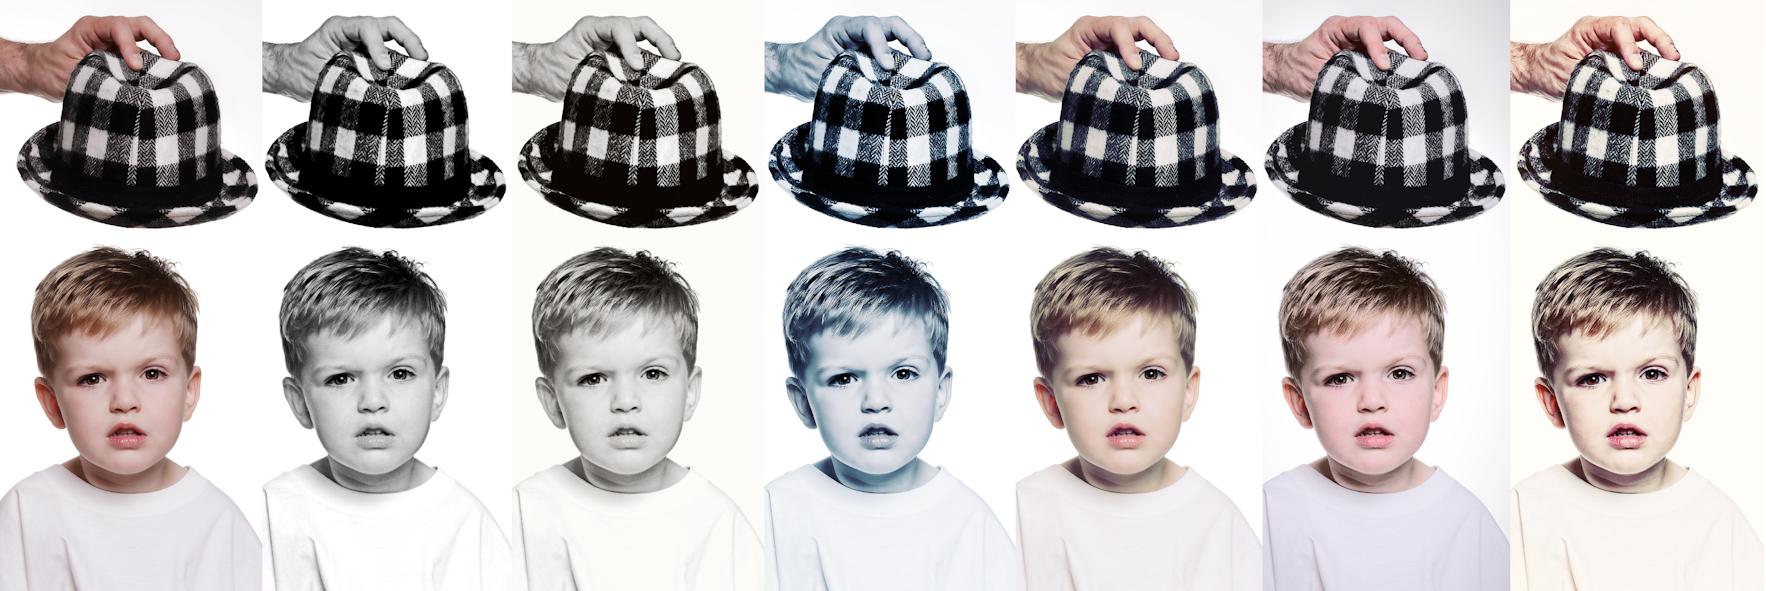 Kinderfoto mit verschiedenen Filtern versehen